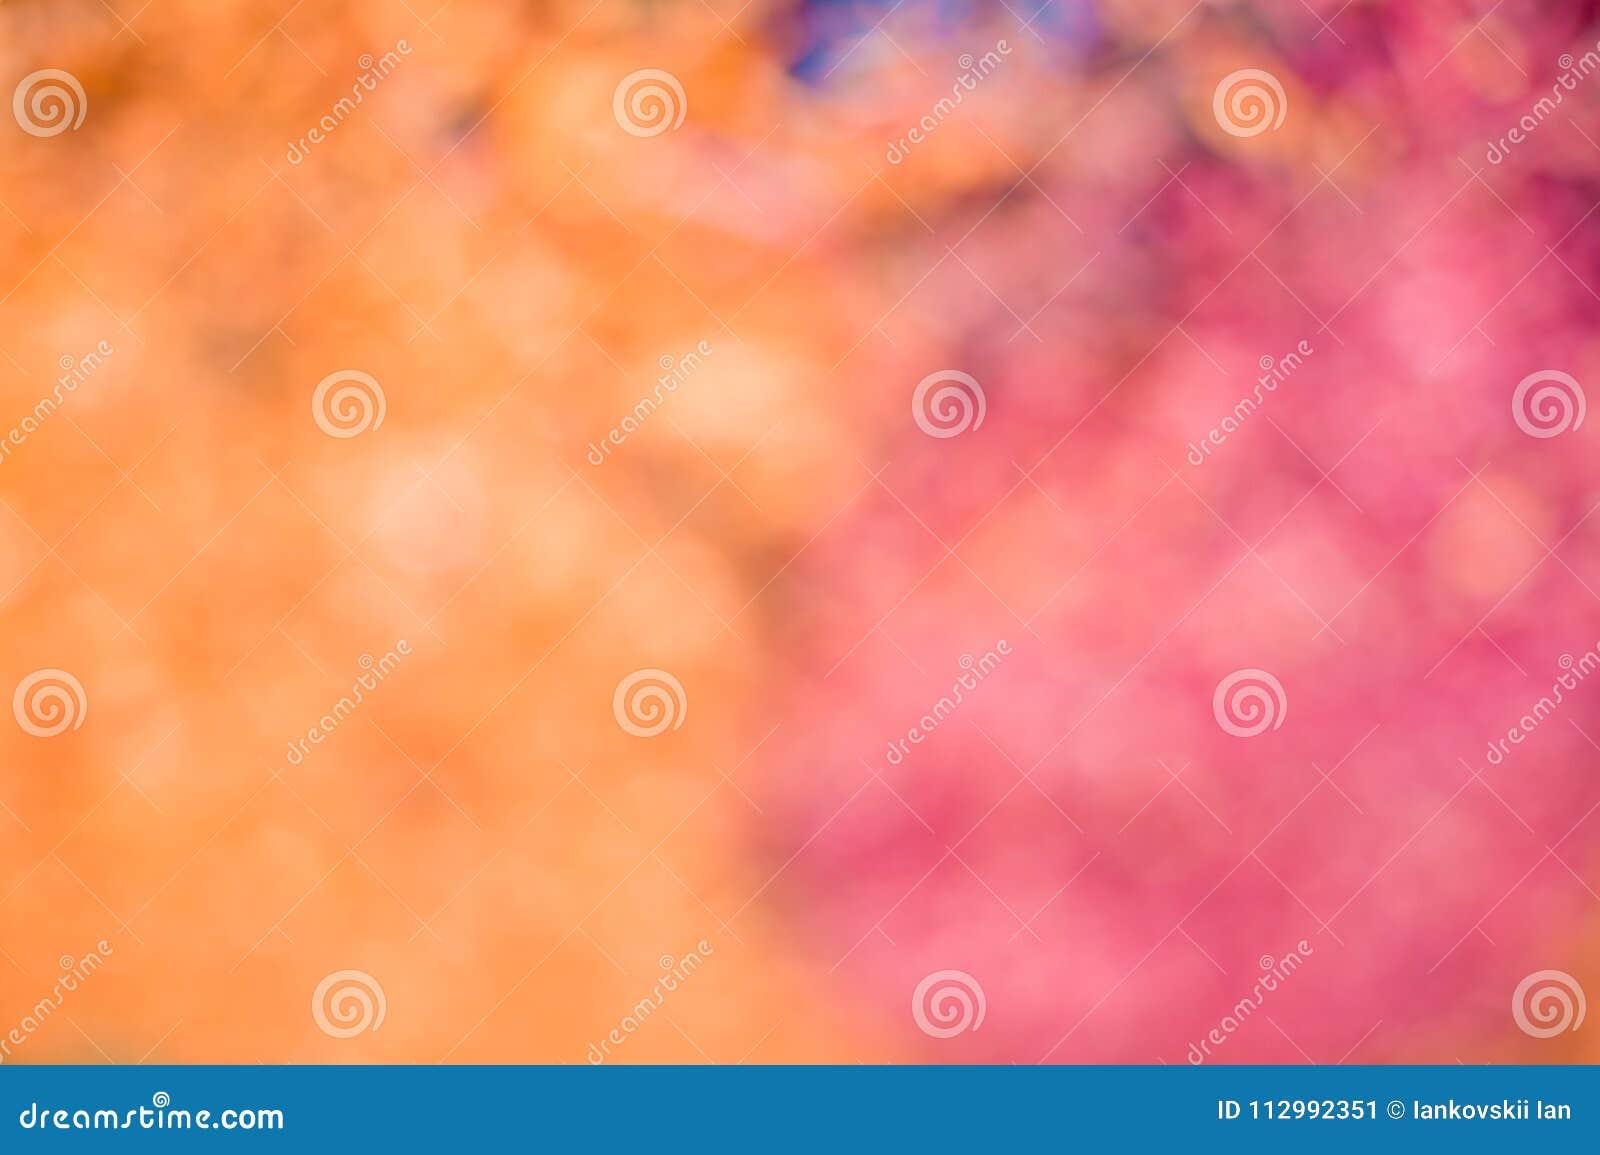 Blurred orange-red background. Orange-red sawdust in defocus